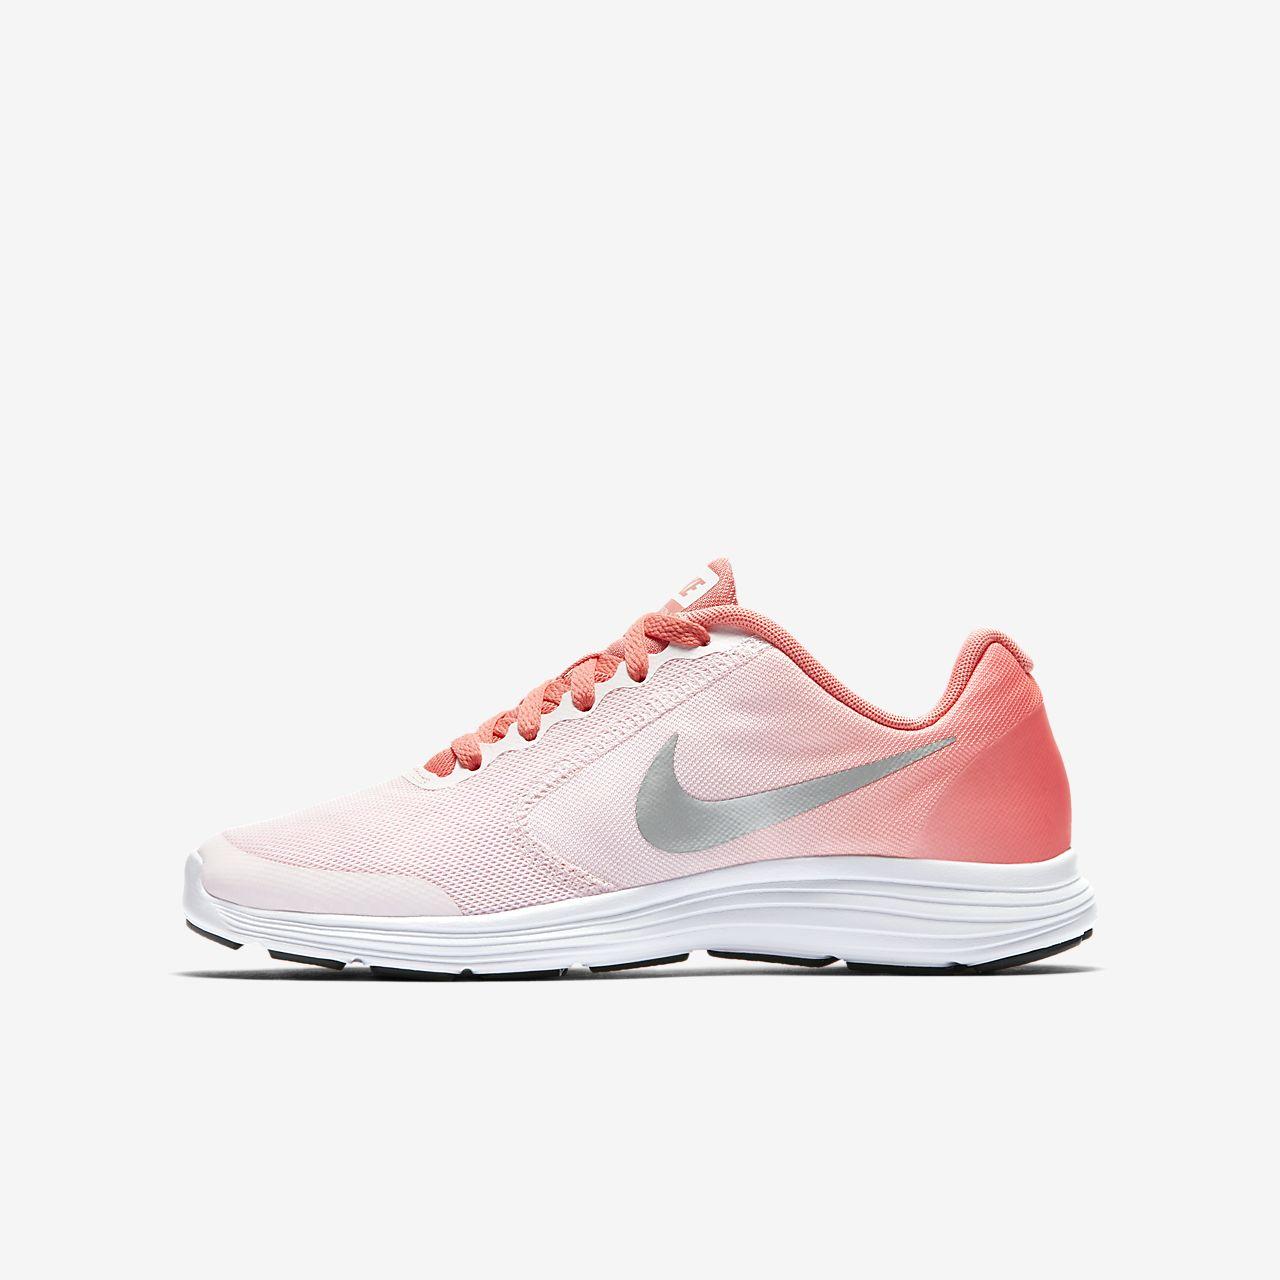 new arrival 8c6e4 adad8 ... Nike Revolution 3 Genç Çocuk Koşu Ayakkabısı